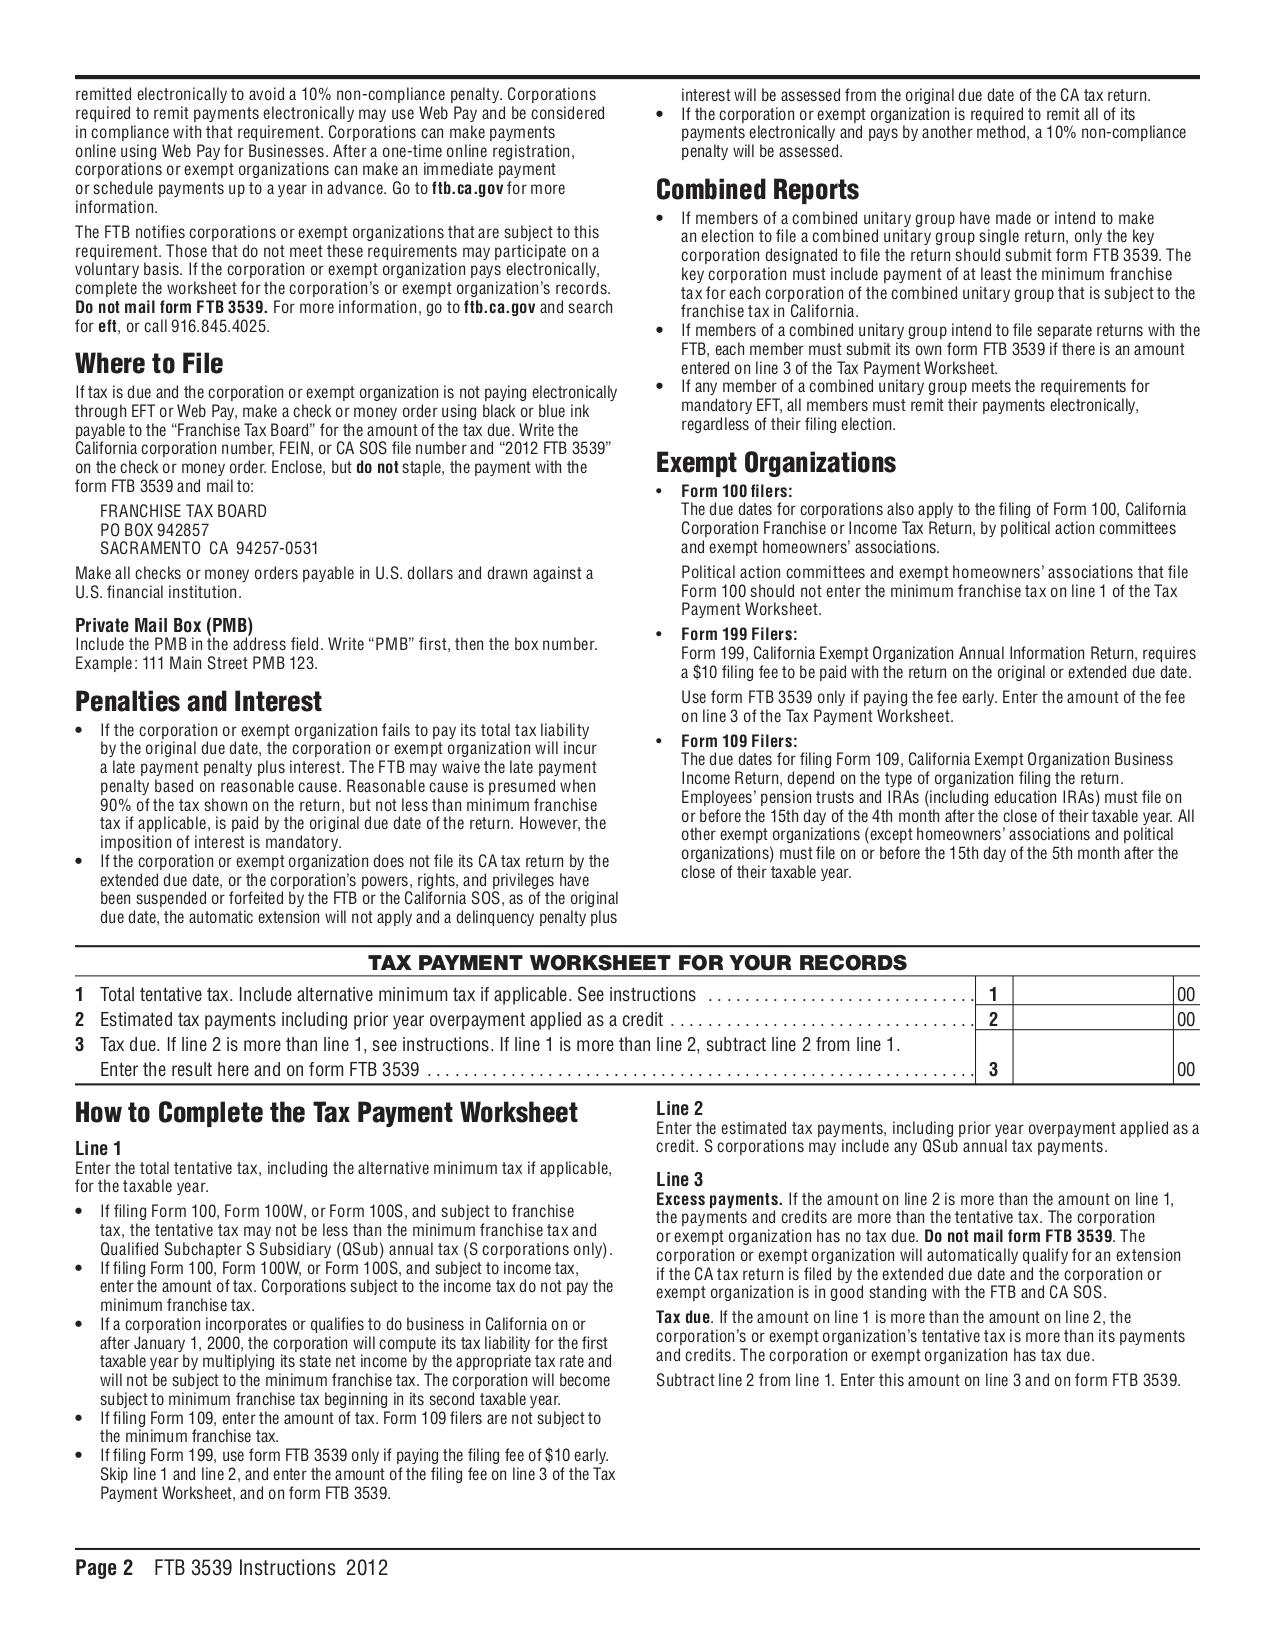 Amt exemption worksheet 2012